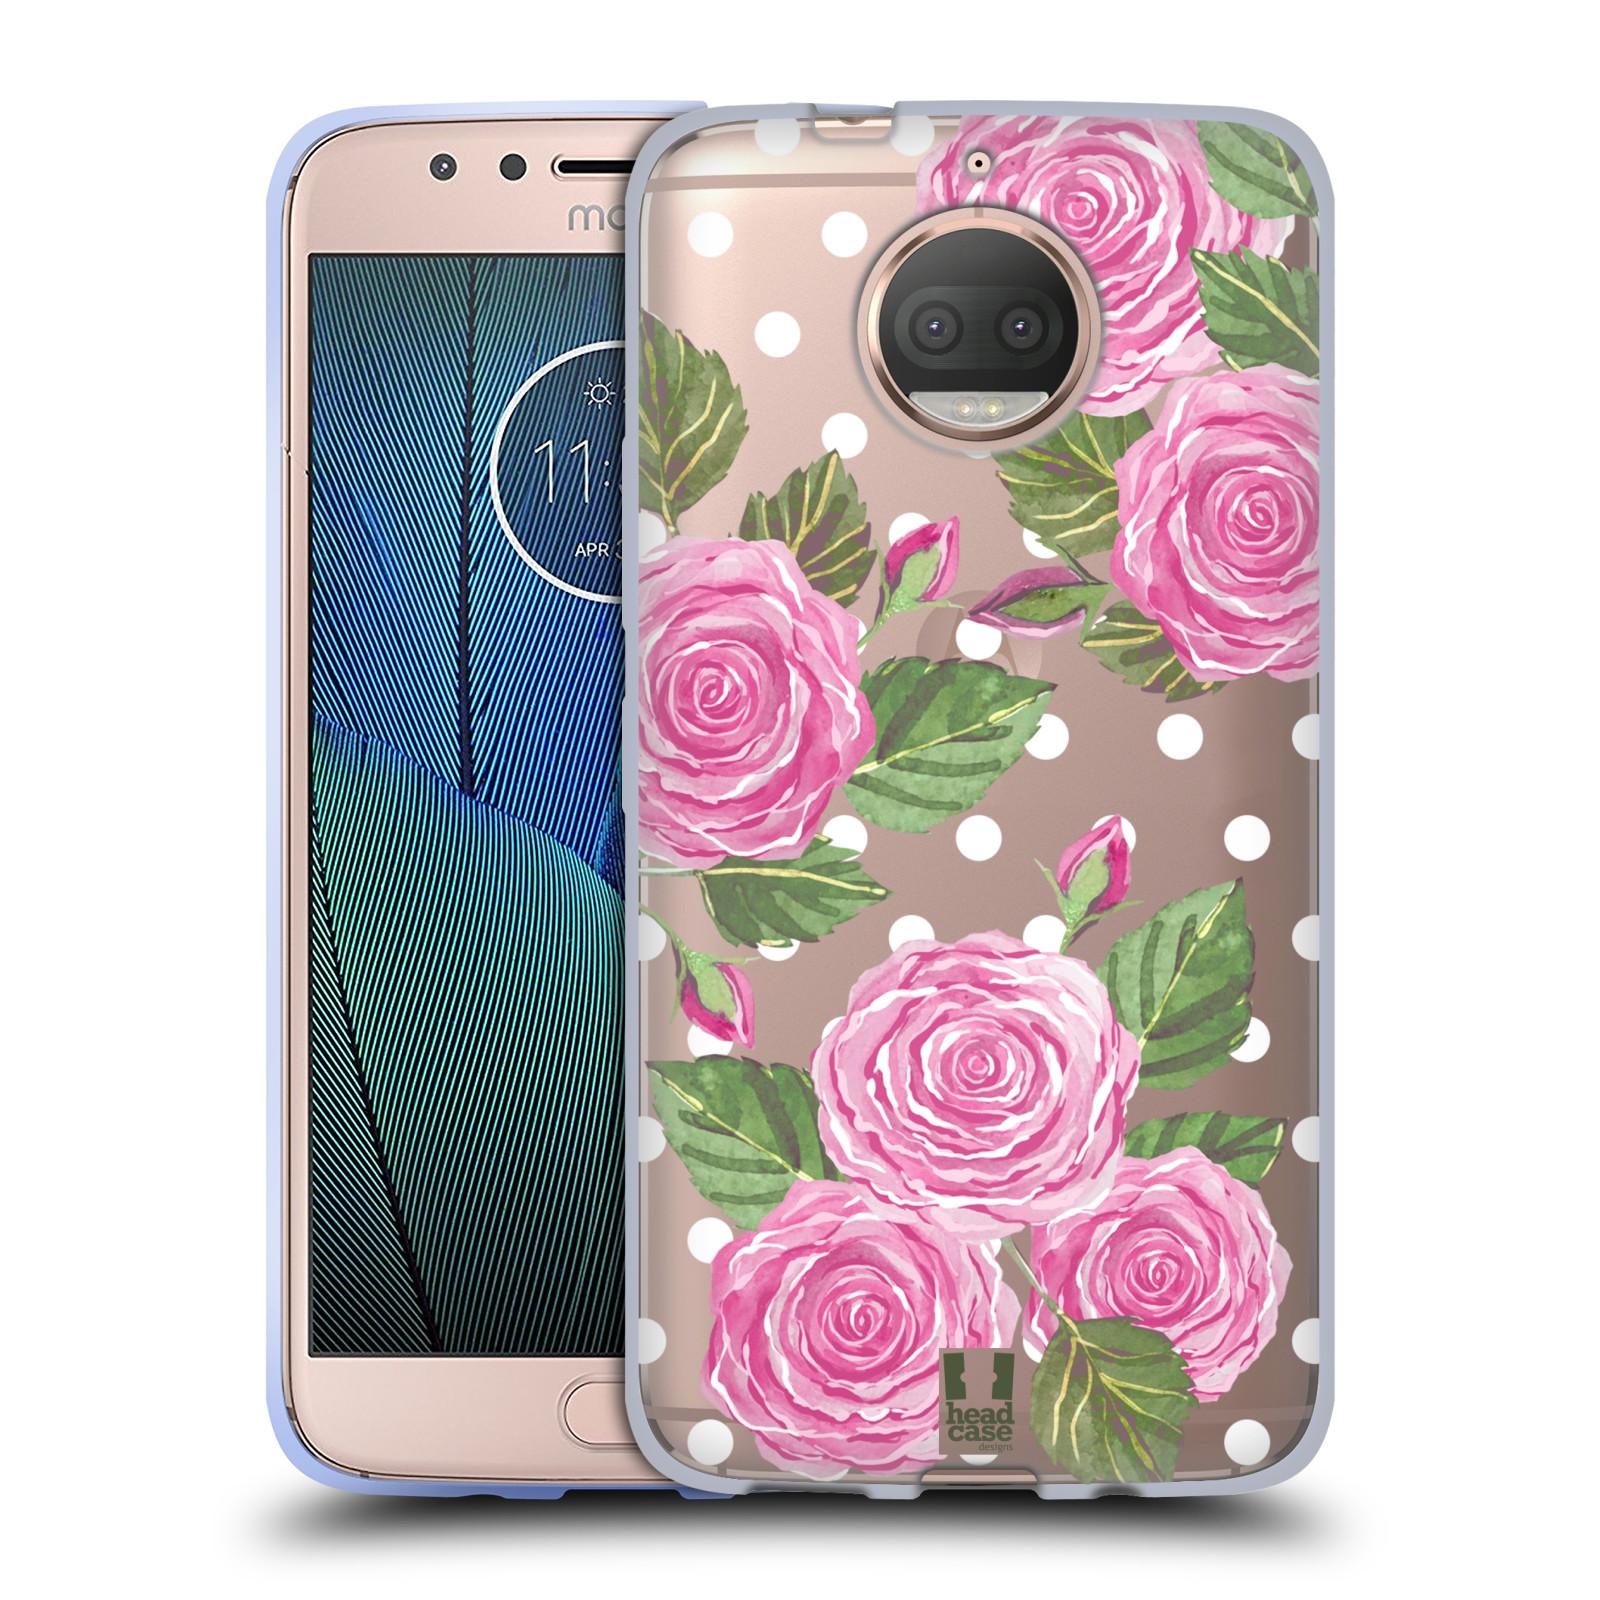 HEAD CASE silikonový obal na mobil Lenovo Moto G5s PLUS Anglické růže růžová barva